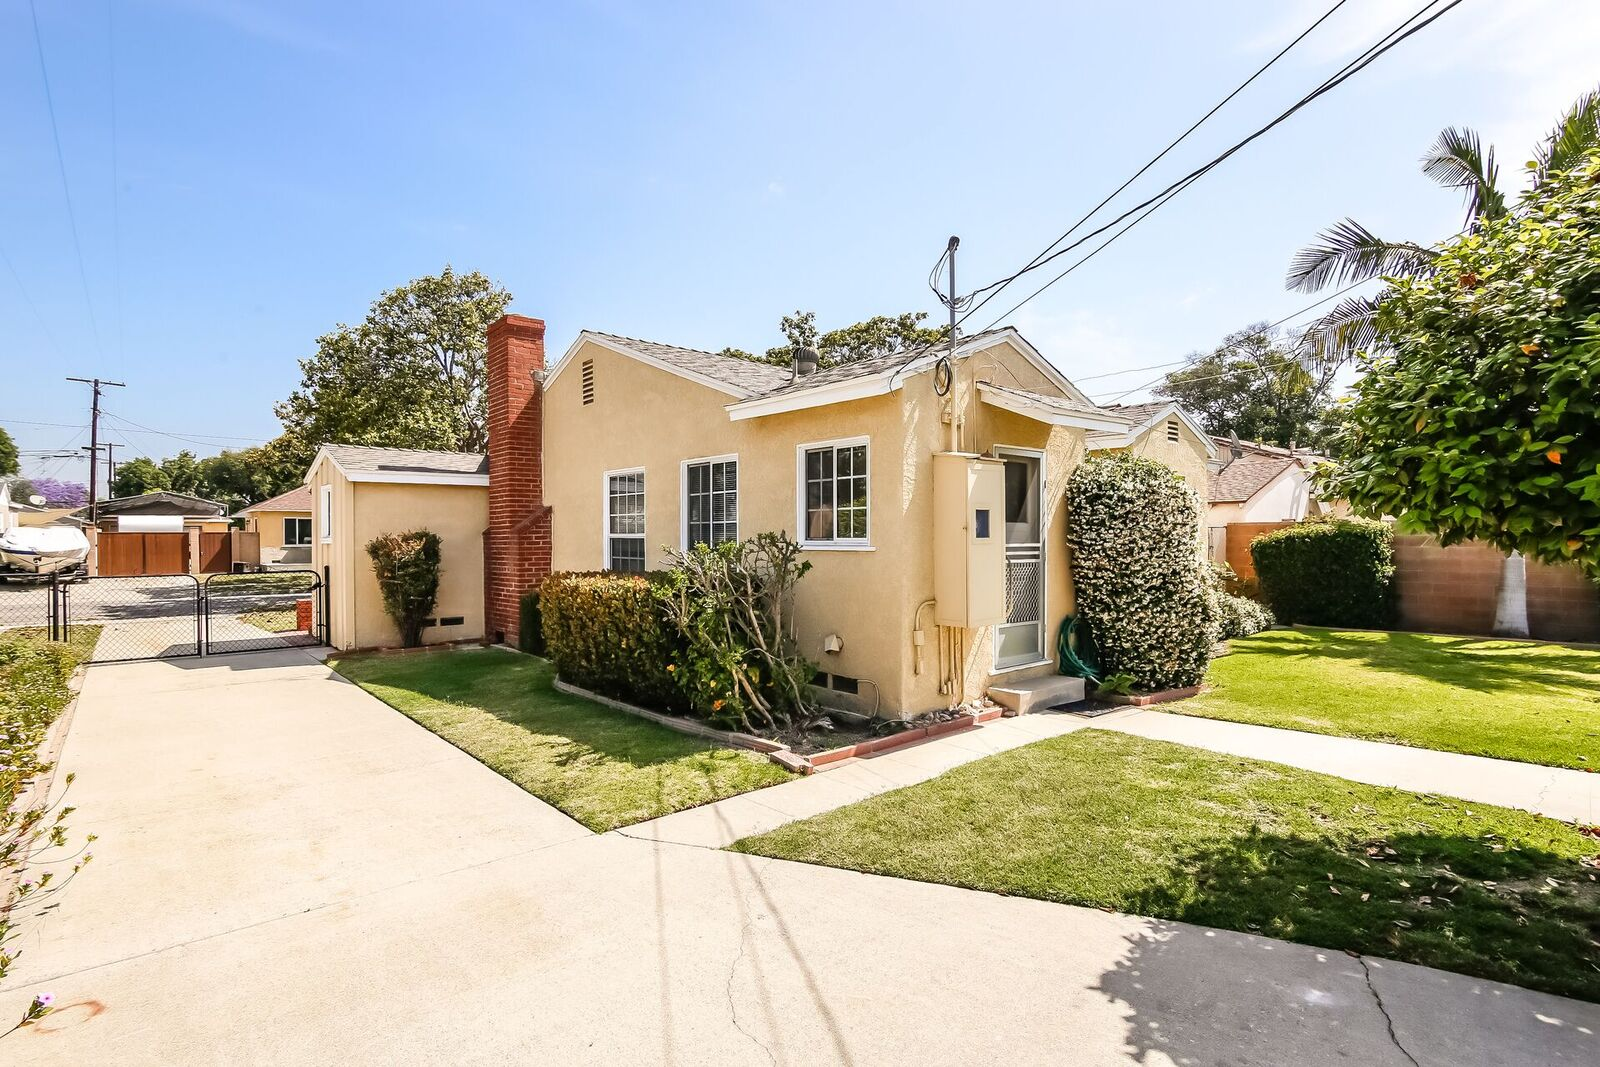 5346 East Walkerton Street for Sale in Long Beach